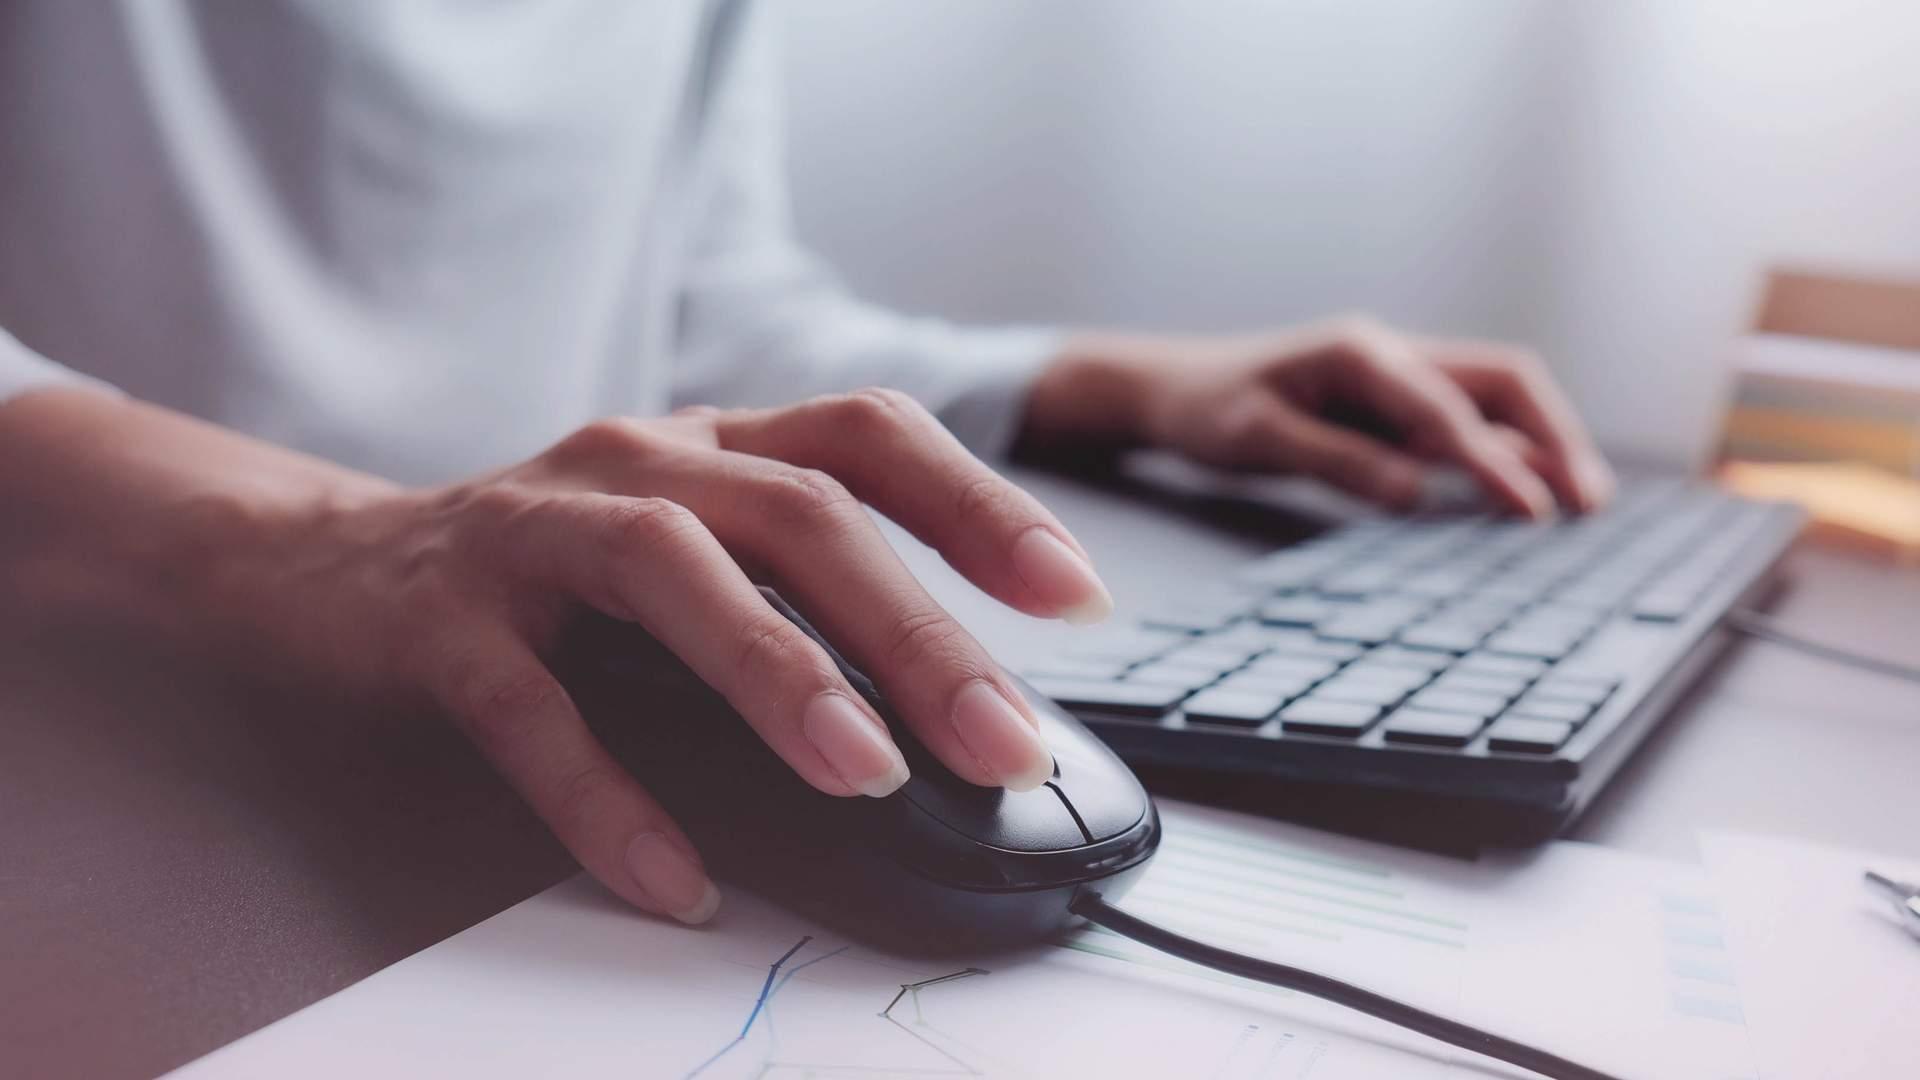 O mouse e o teclado são itens essenciais em um computador de mesa e muitos os preferem mesmo usando um notebook (Fonte: Shutterstock/Ratta Lapnan)